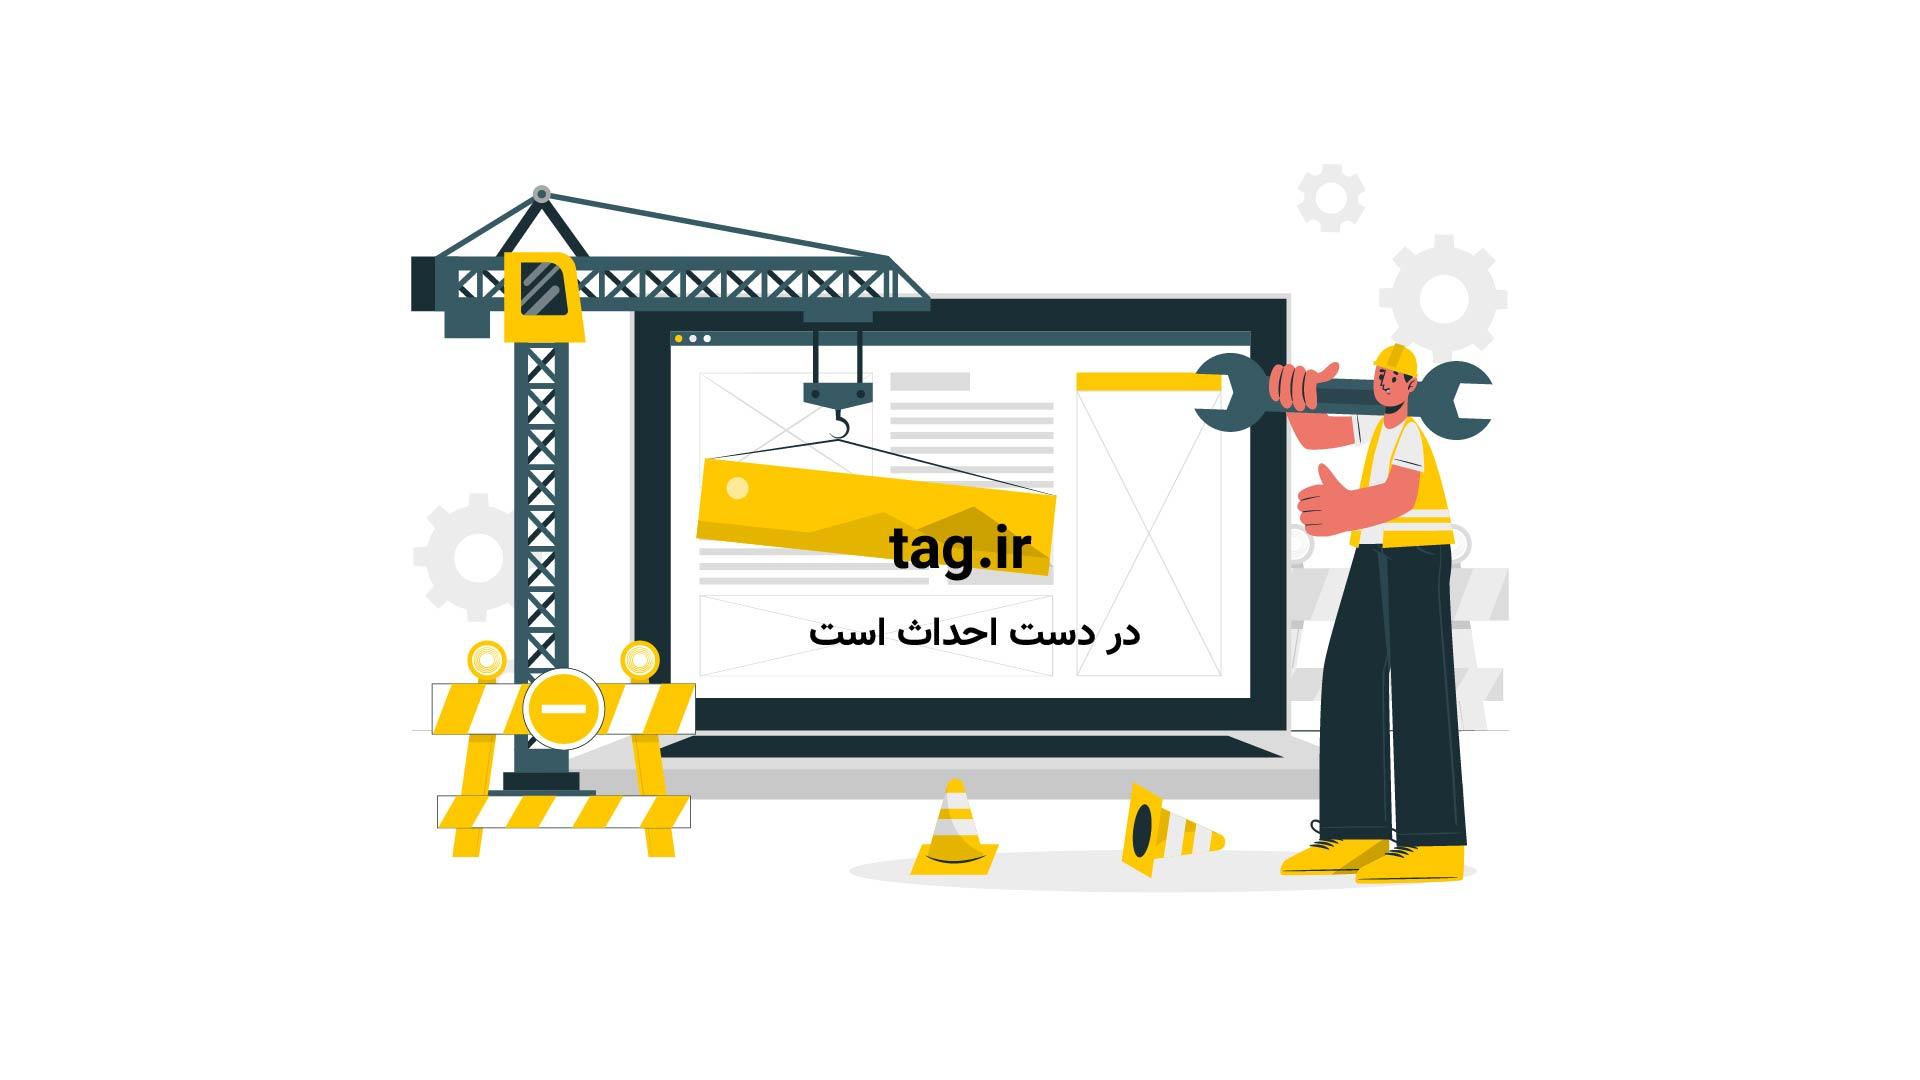 نمایشگاه کاریکاتور